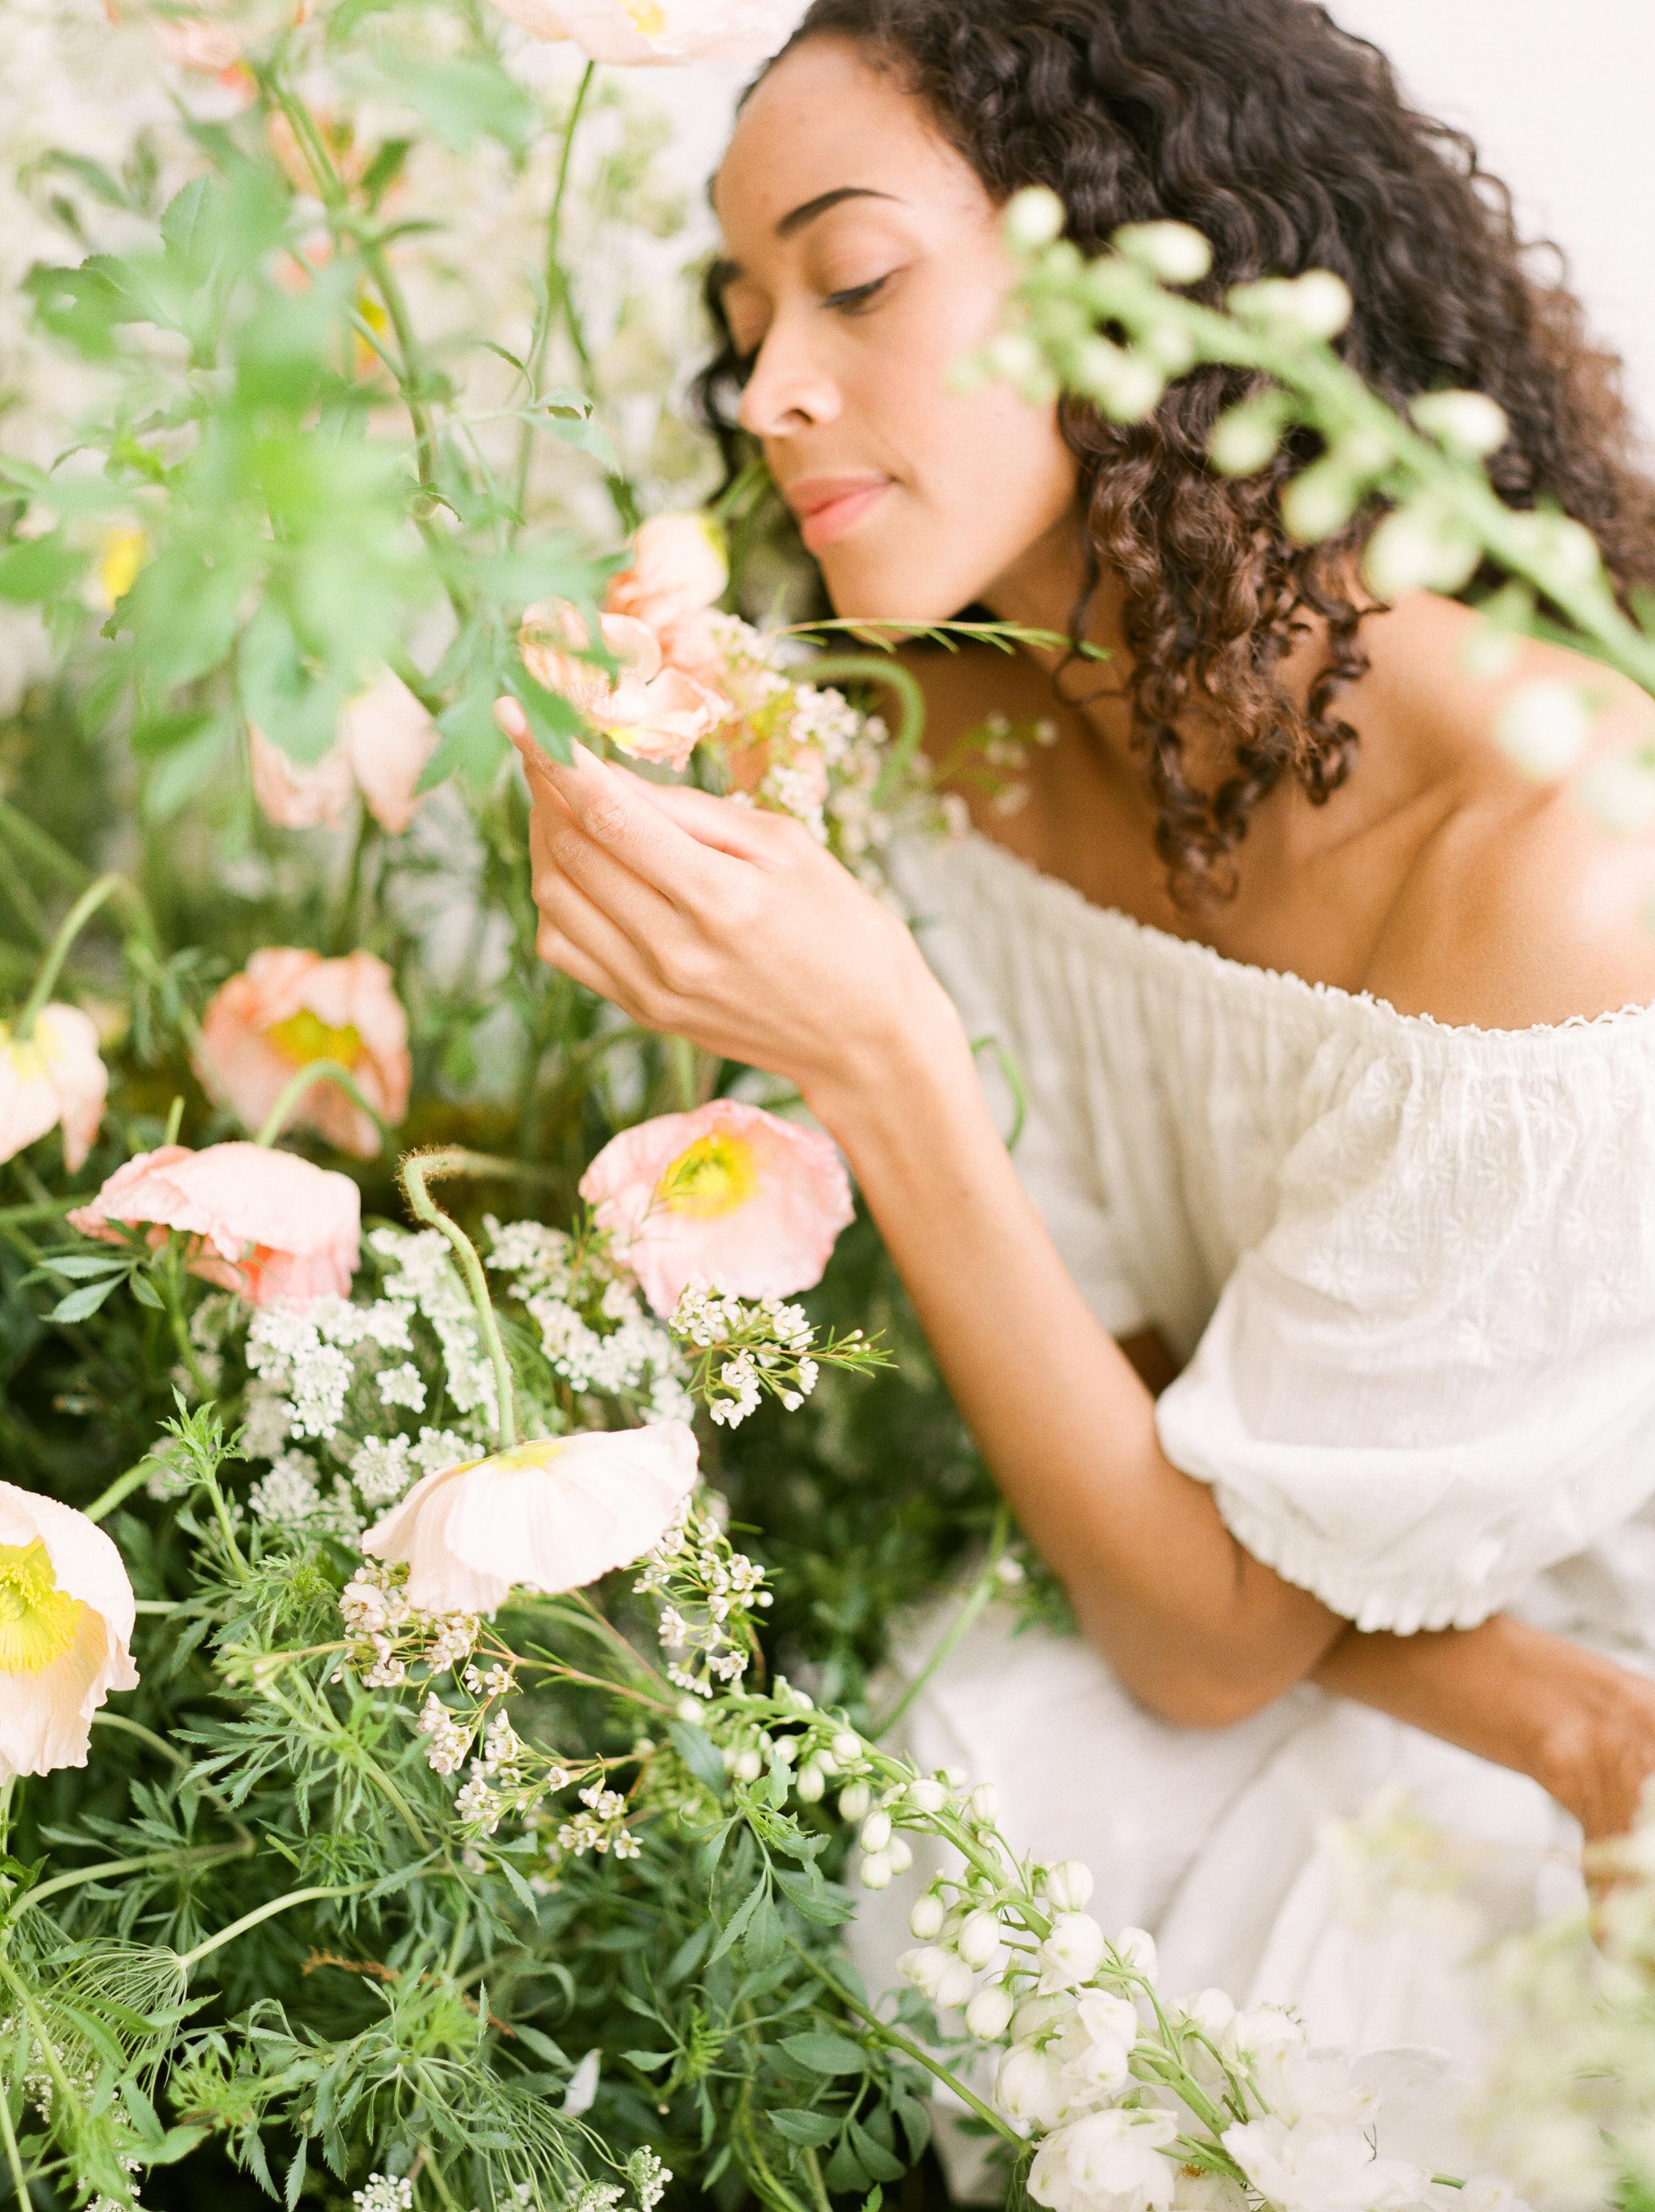 olya_vitulli_loom_bloom-20.jpg